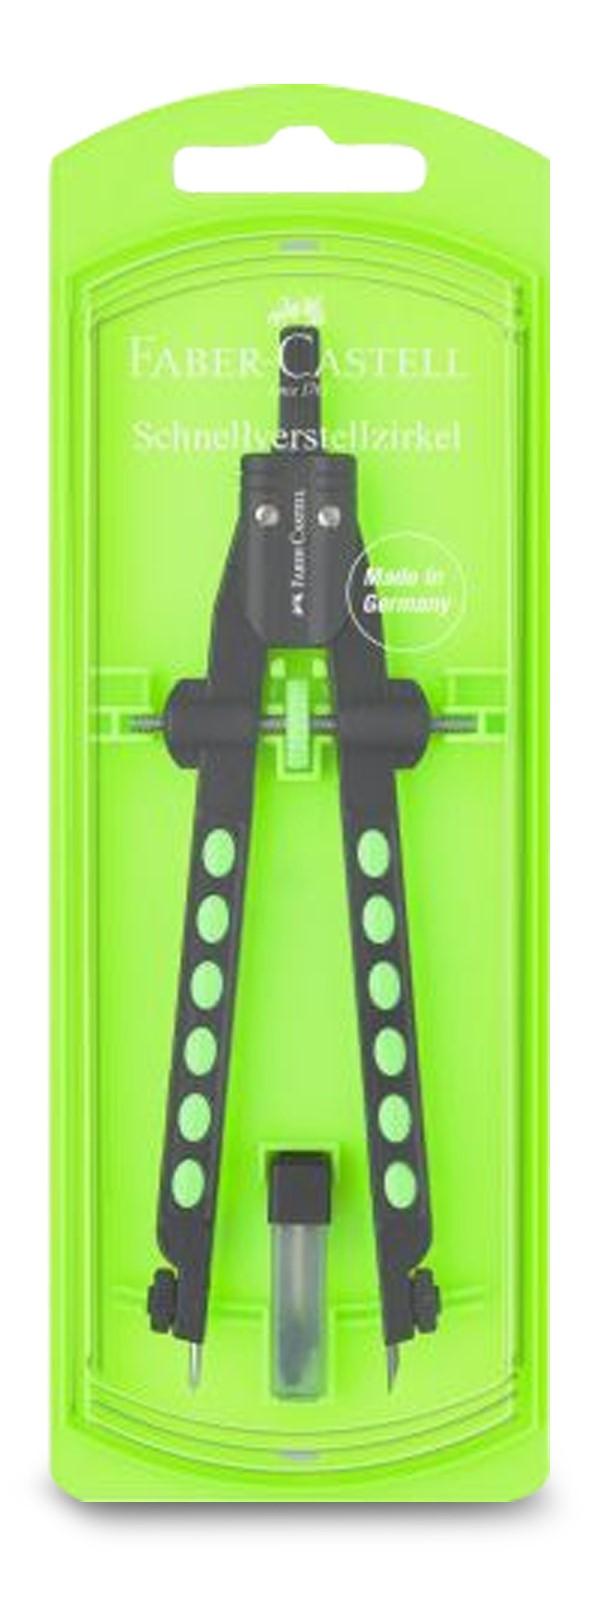 Faber-Castell Factory Neon Schnellverstellzirkel